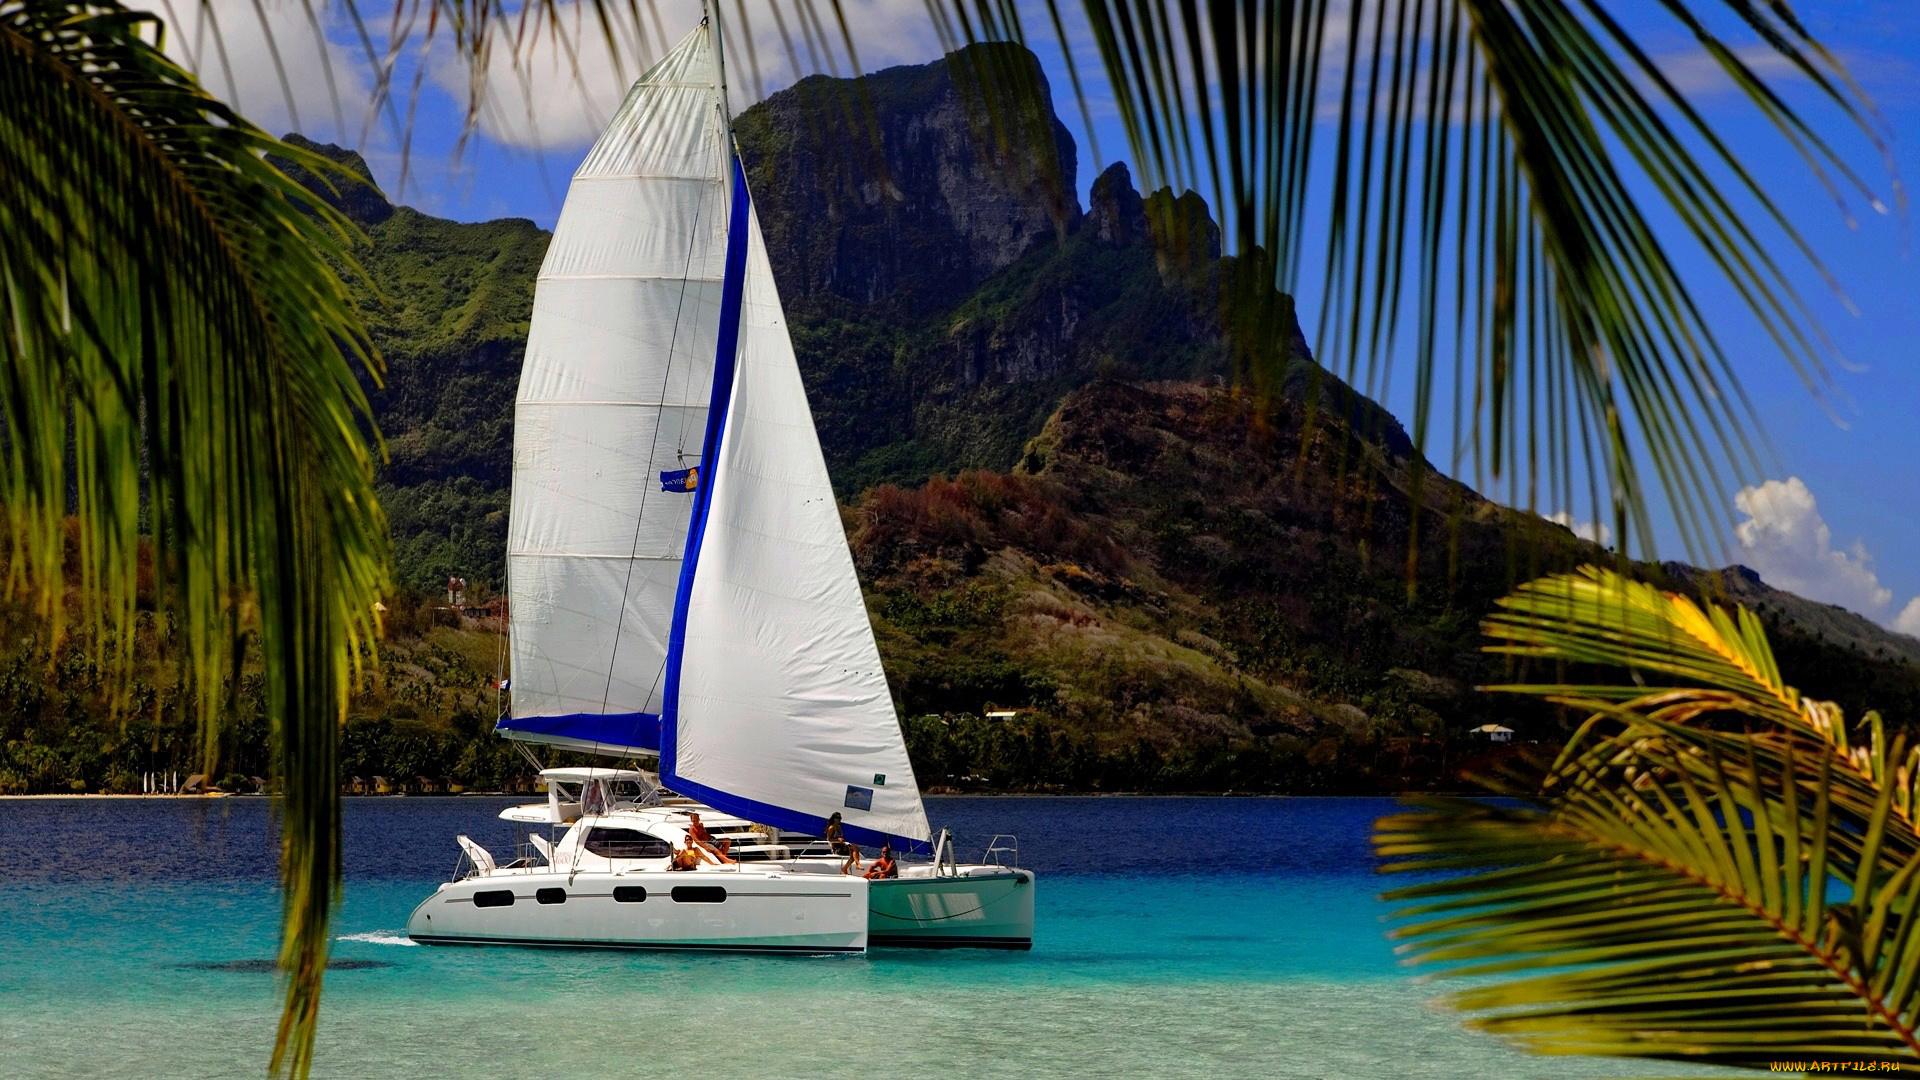 фотограф фото пальмы море парусник необычные, выбору подошли